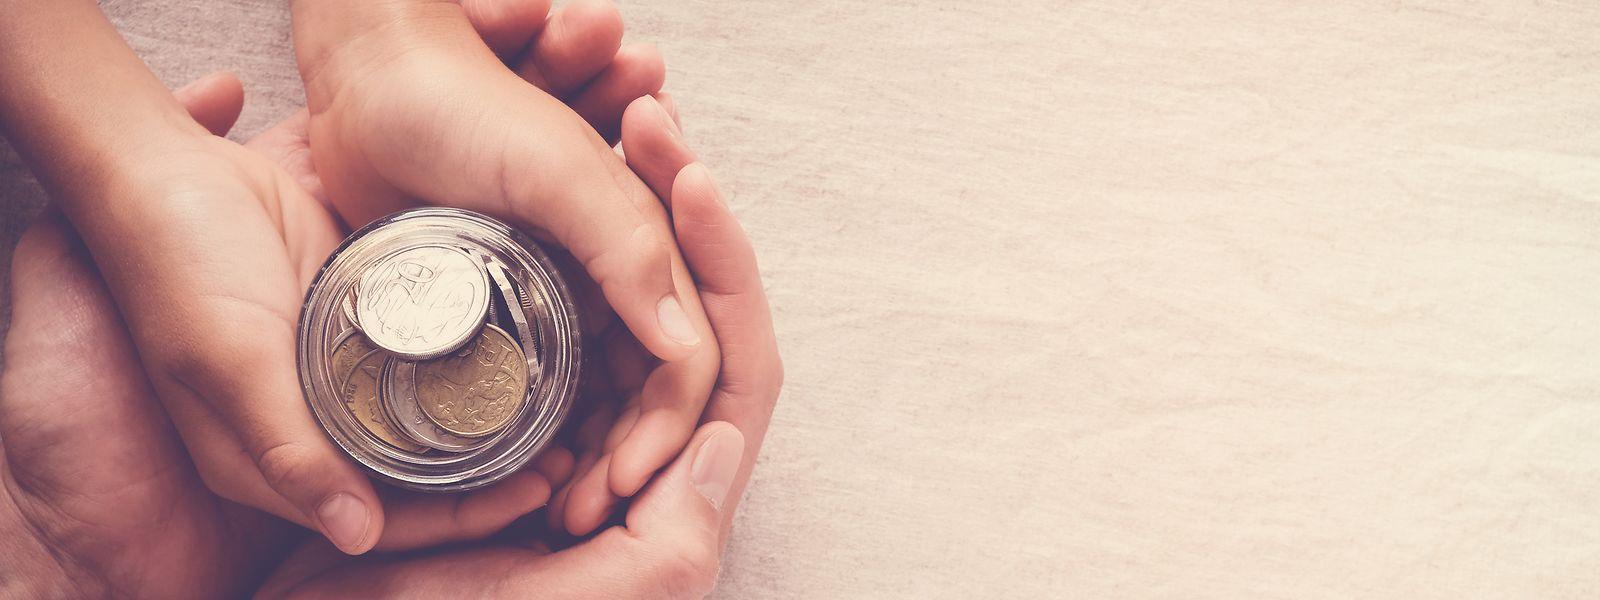 Viele Menschen wollen angesichts der aktuellen Situation Geld in sinnvolle Projekte einbringen.